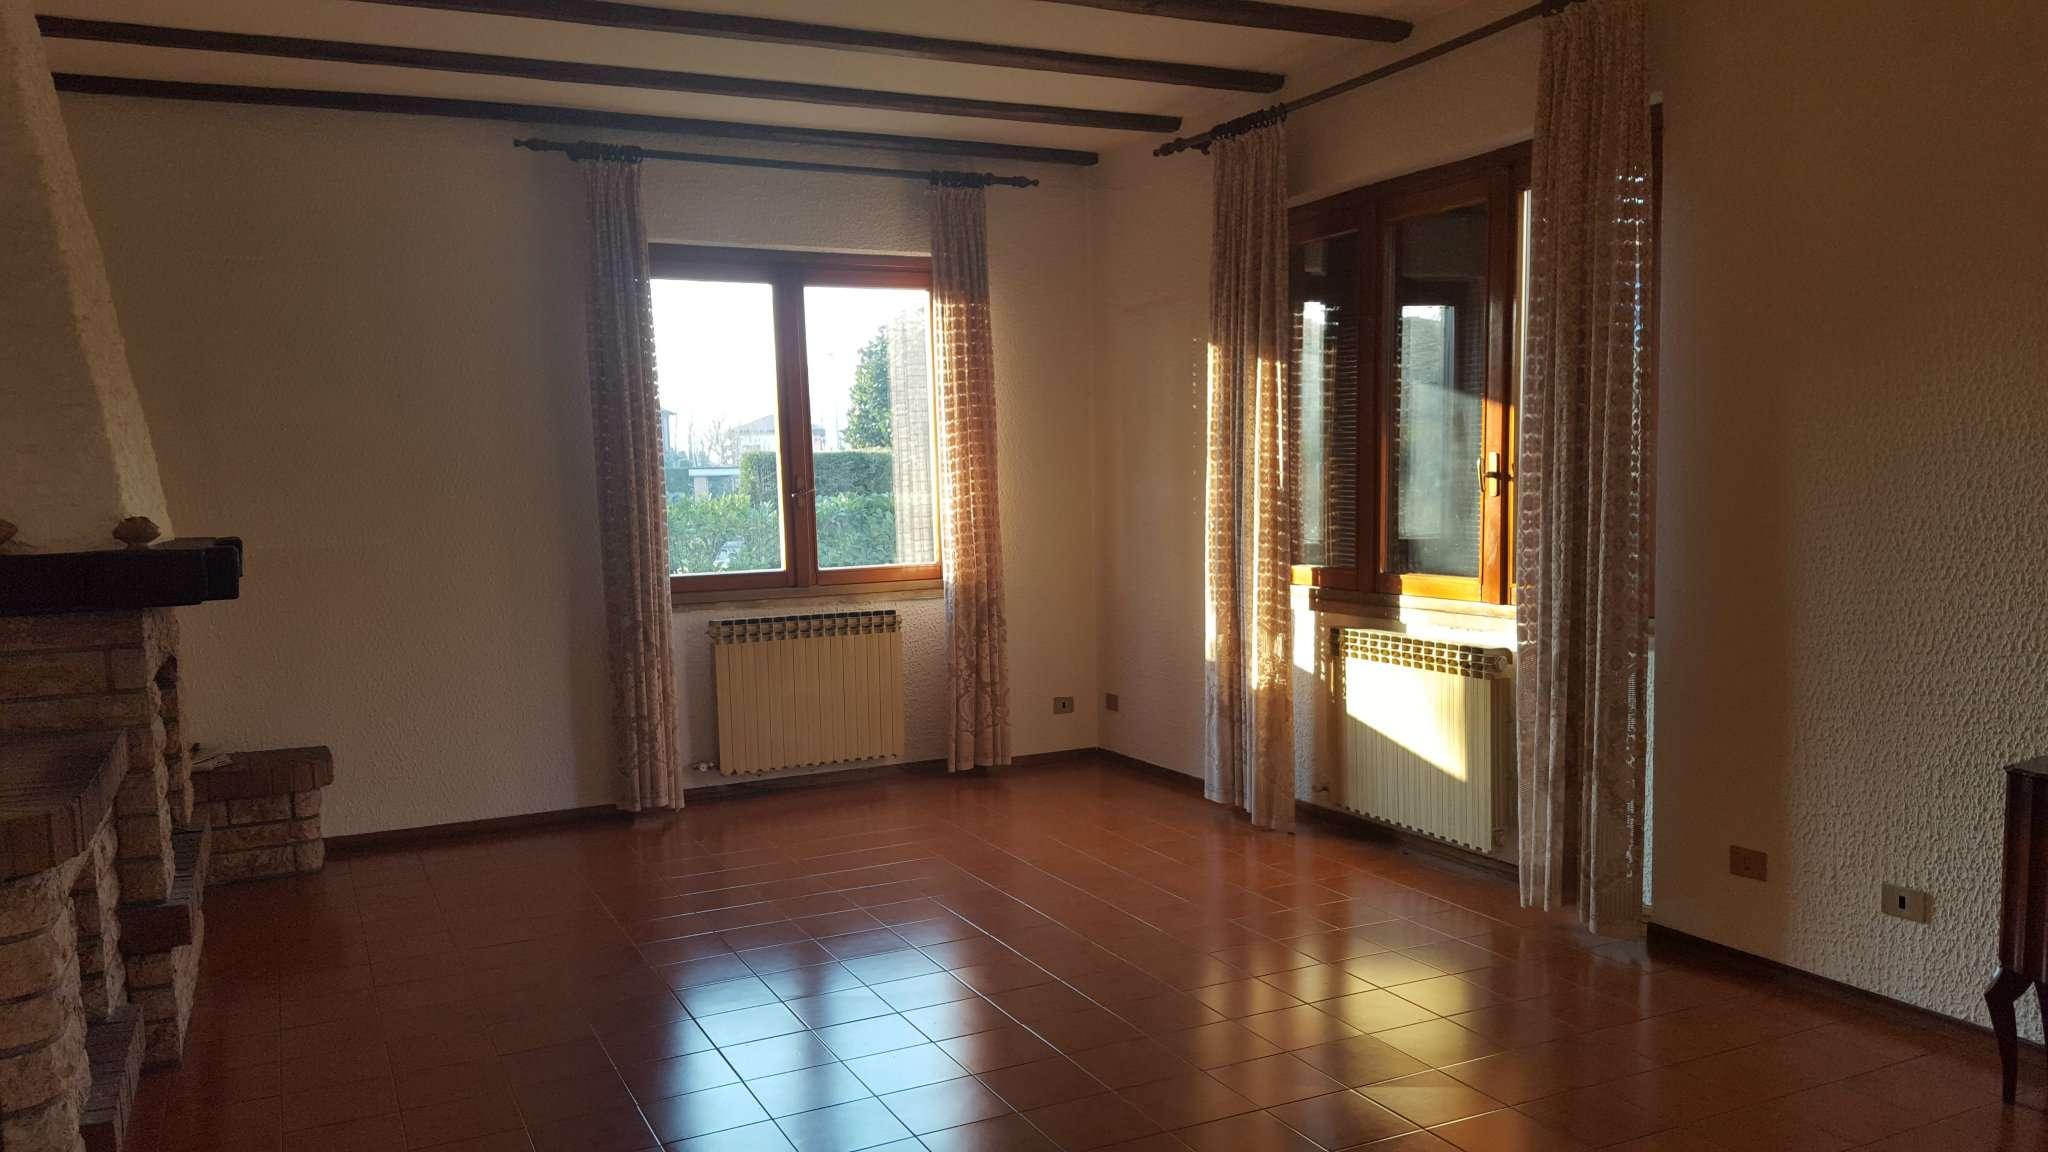 Villa a Schiera in vendita a Cassano d'Adda, 5 locali, prezzo € 268.000 | CambioCasa.it